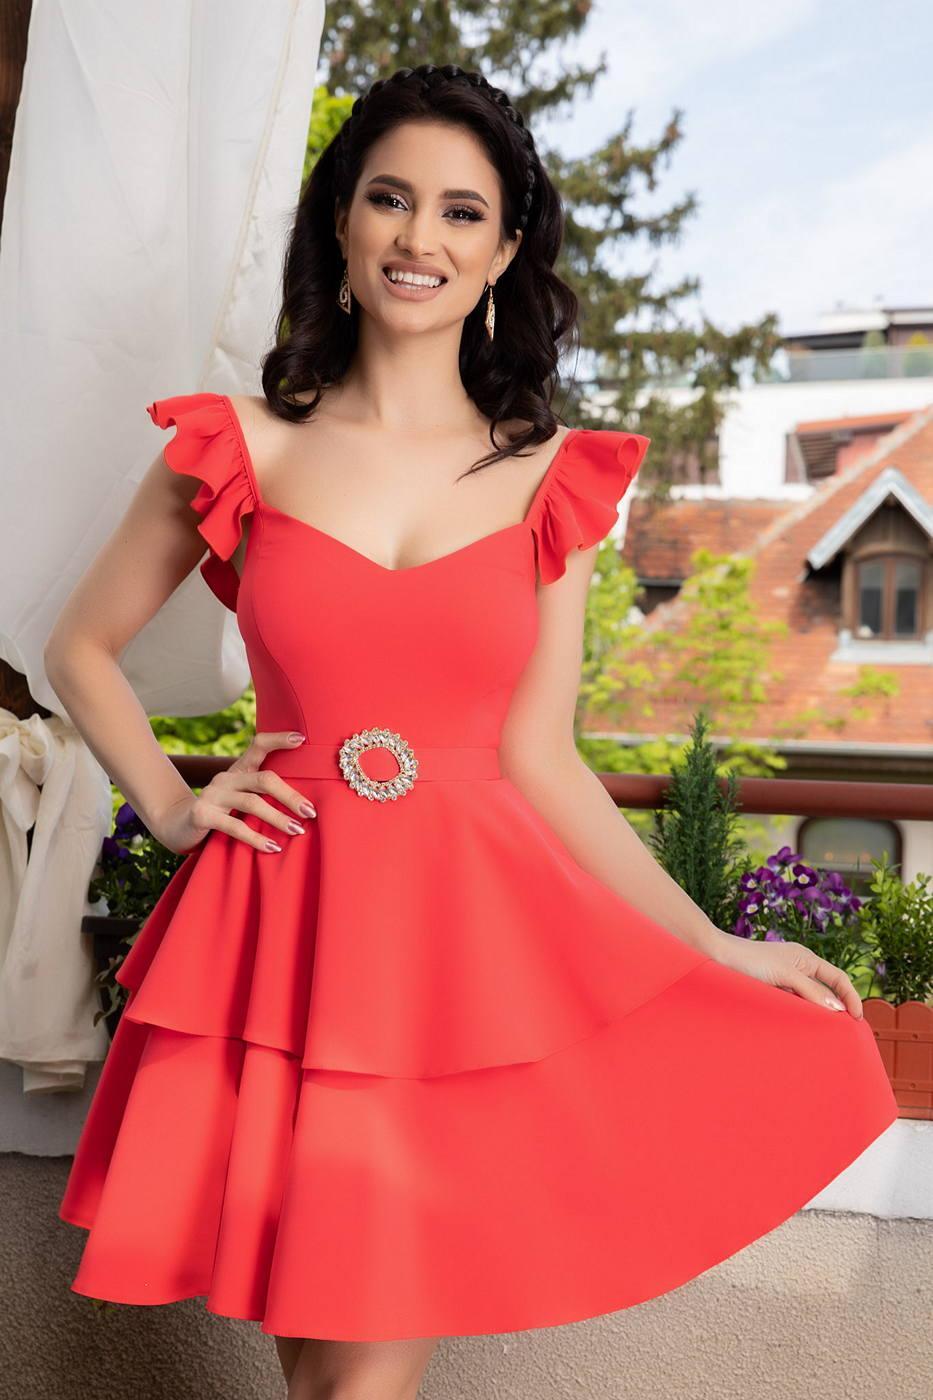 Aniko Coral Dress